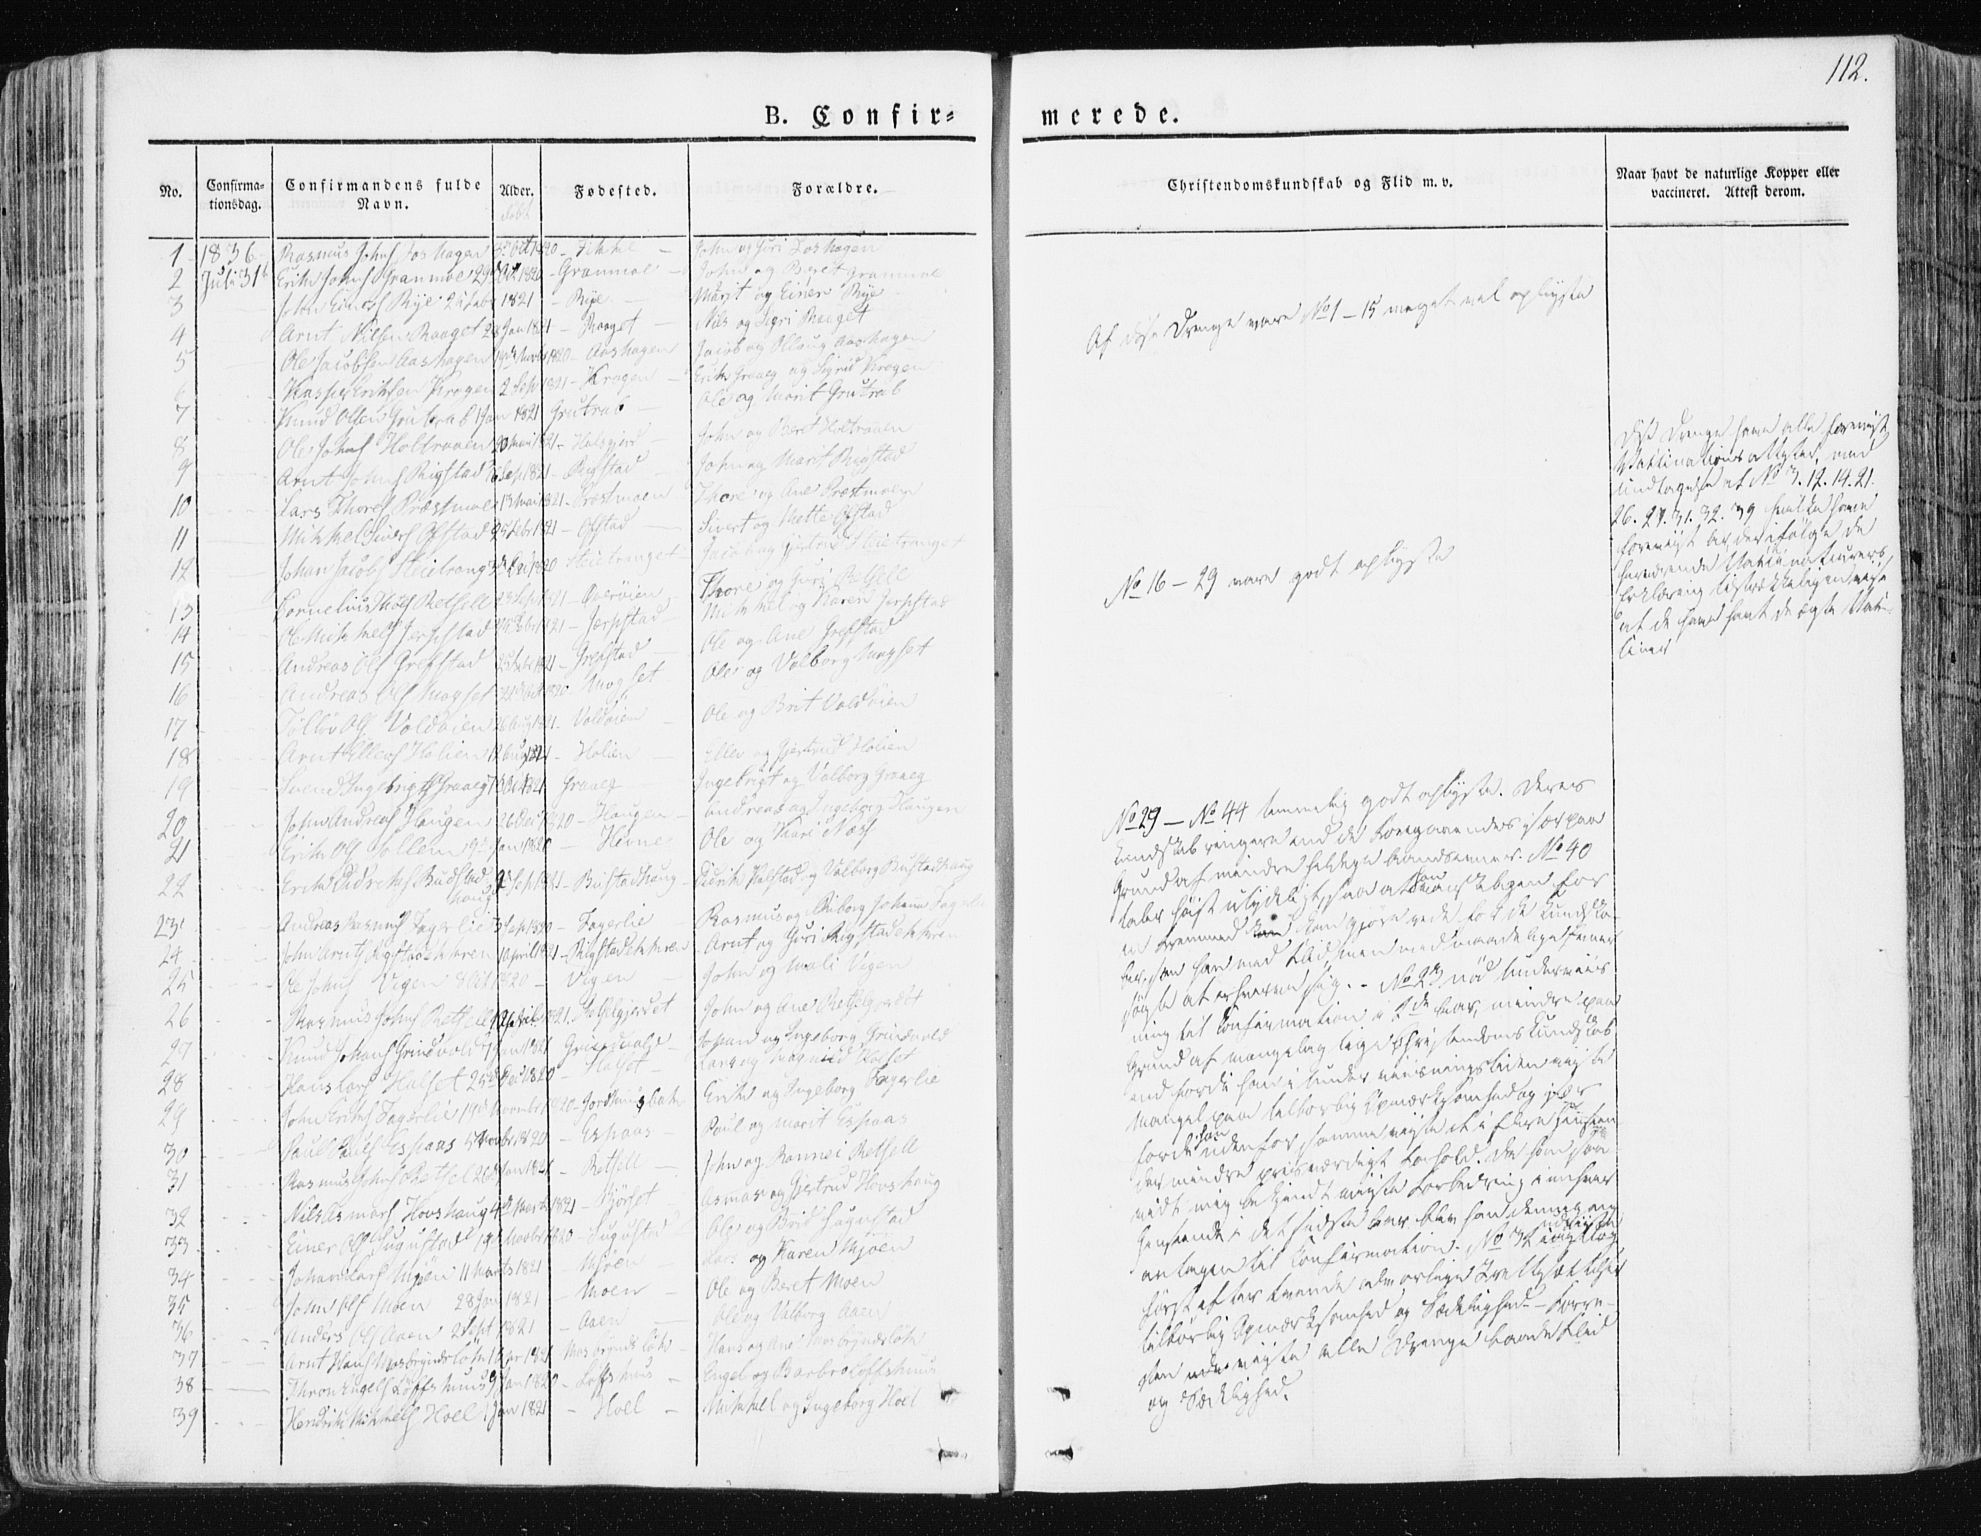 SAT, Ministerialprotokoller, klokkerbøker og fødselsregistre - Sør-Trøndelag, 672/L0855: Ministerialbok nr. 672A07, 1829-1860, s. 112